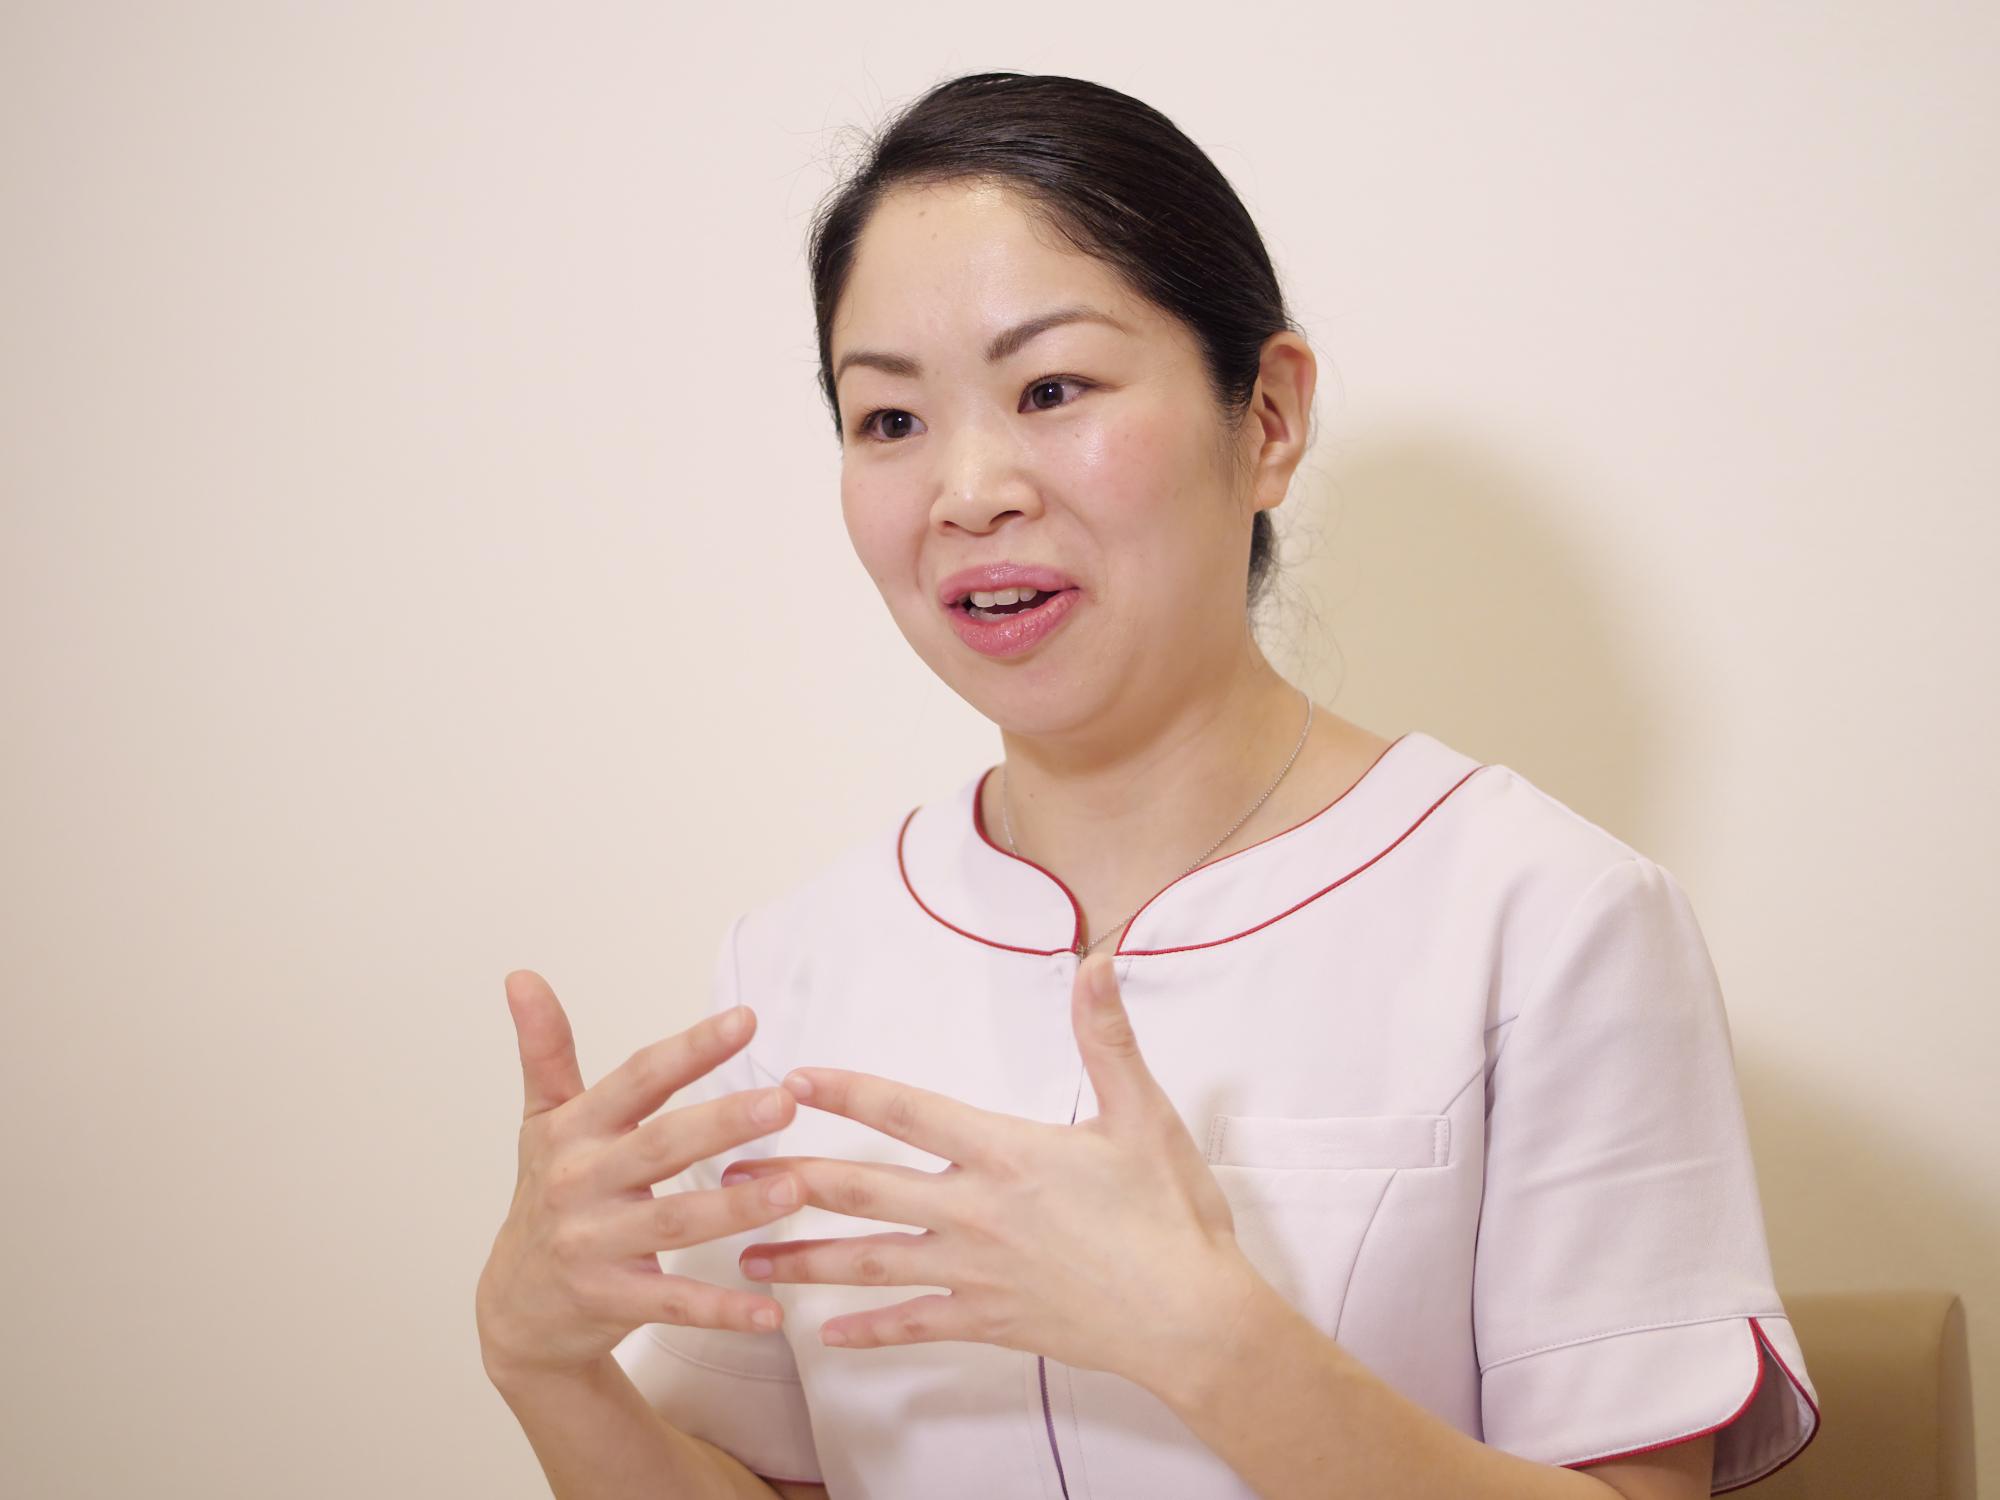 ママスタッフの大場由喜子さんは週4~5日、10時~16時のパート勤務中。「子どもが3人いて行事も多いため、シフトに融通がきくパート勤務を選択しています」